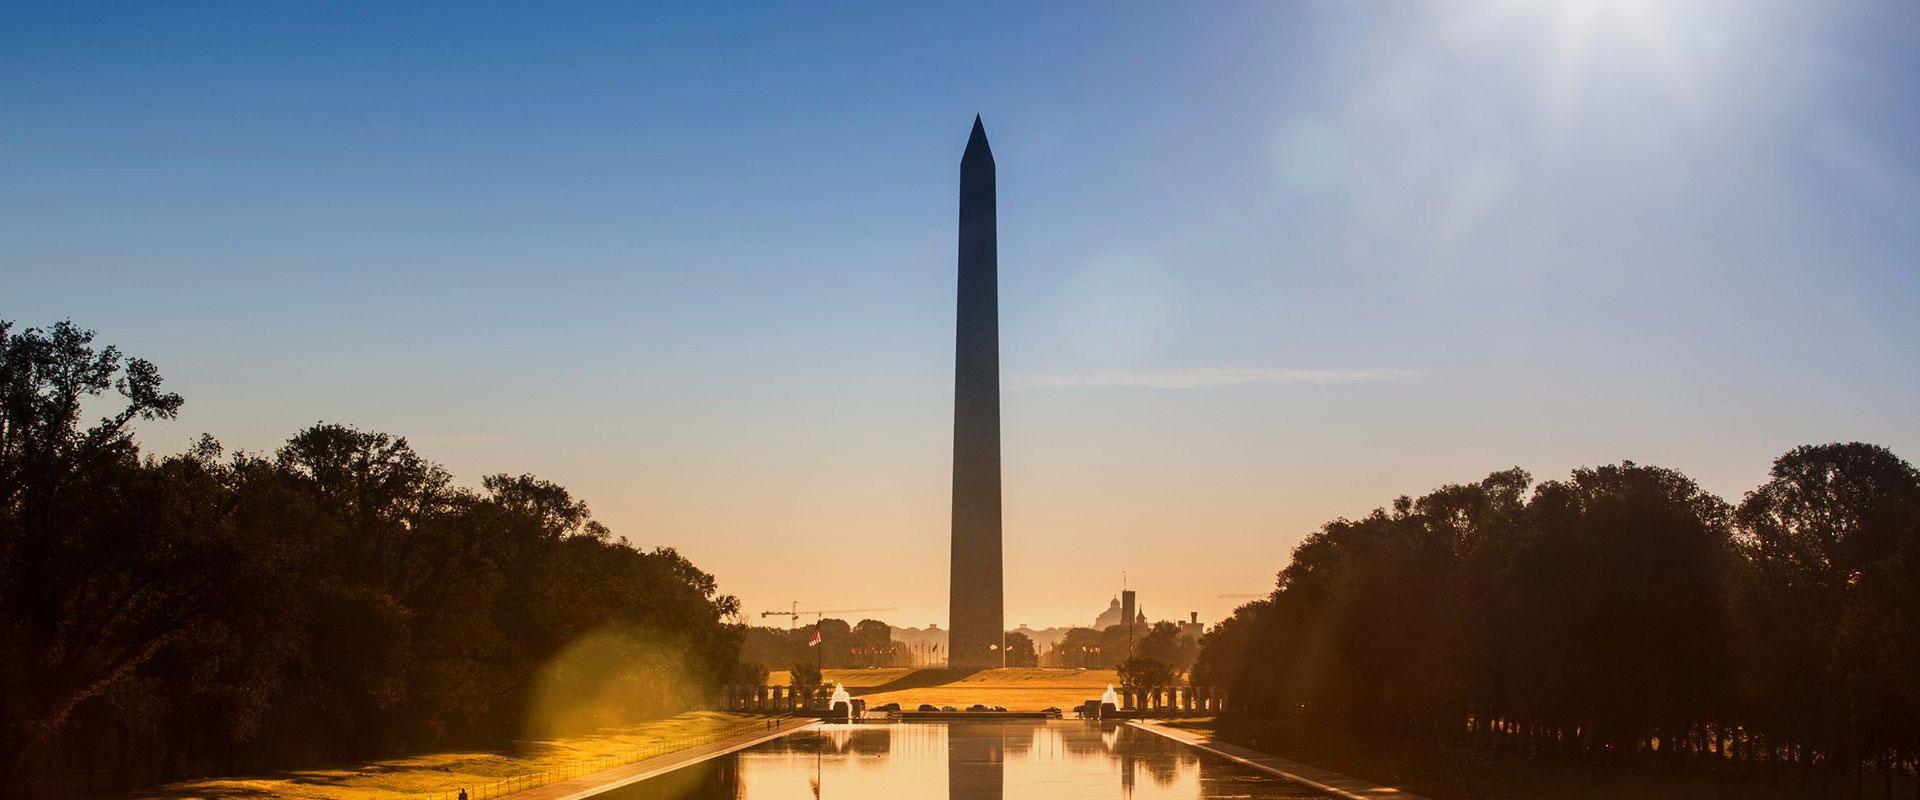 Washington Monument at sunset